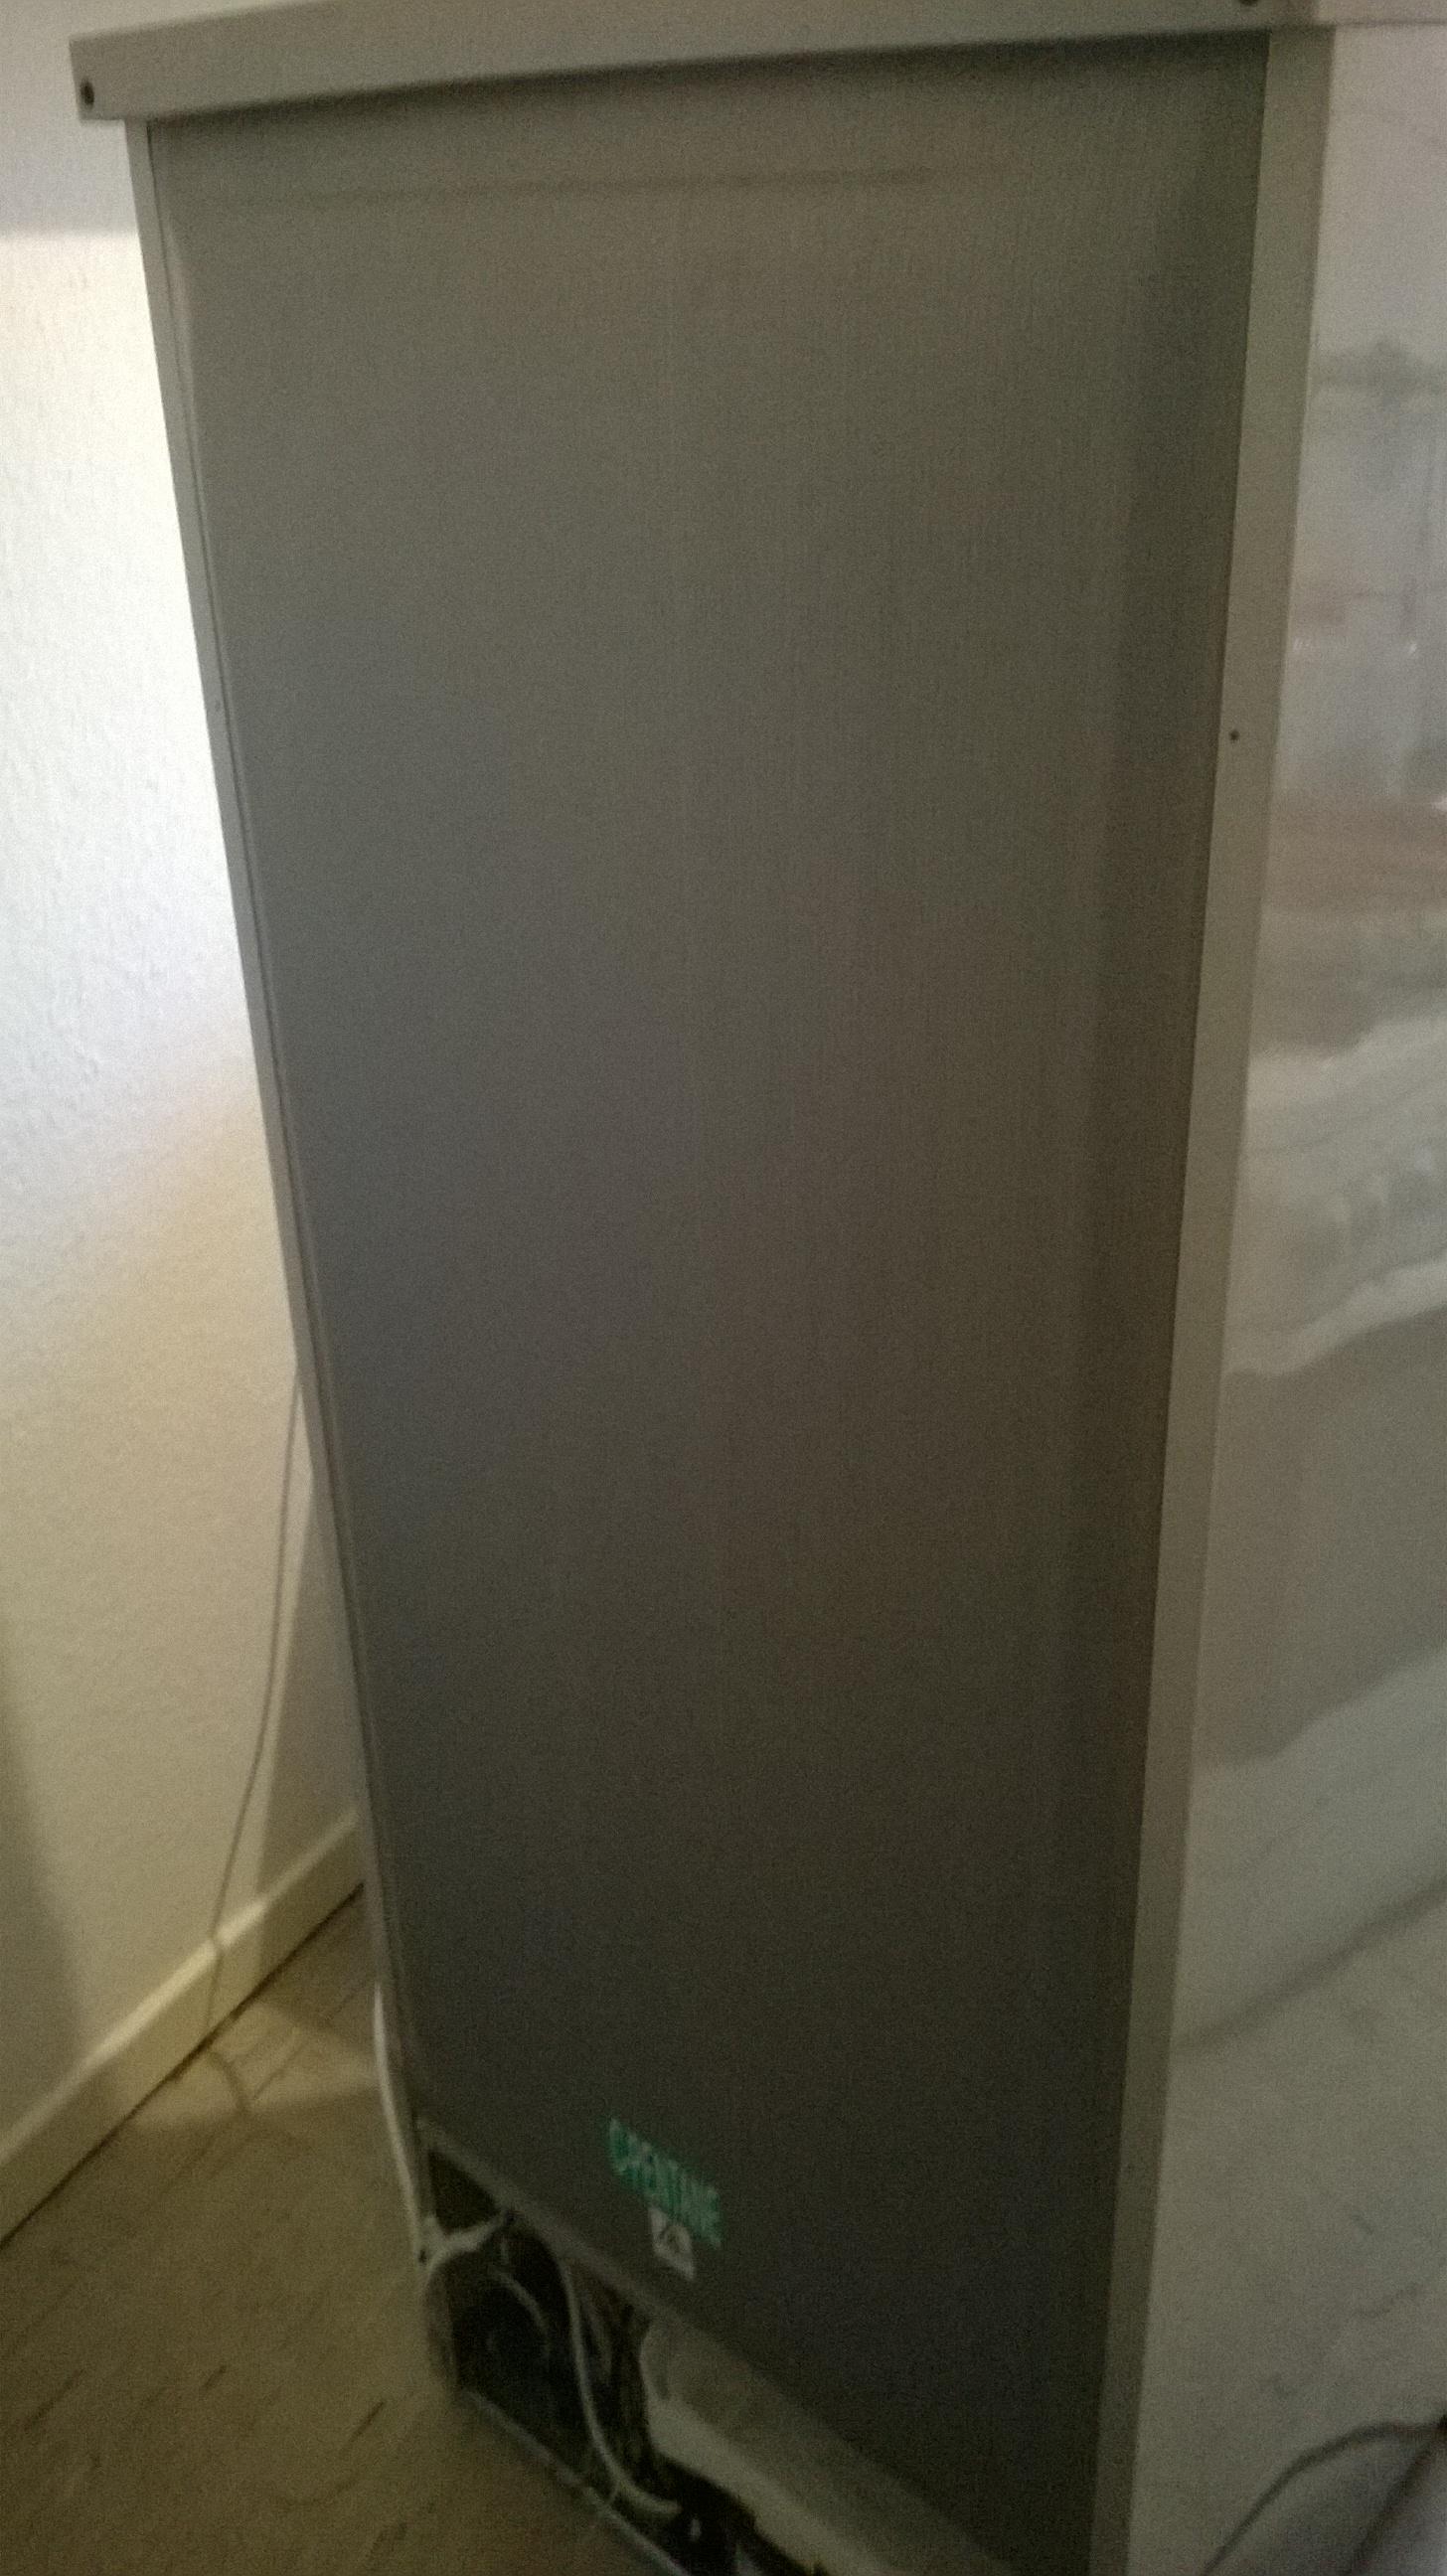 r ckwand vom k hlschrank wellpappe dranlassen verpackung oder isolation. Black Bedroom Furniture Sets. Home Design Ideas